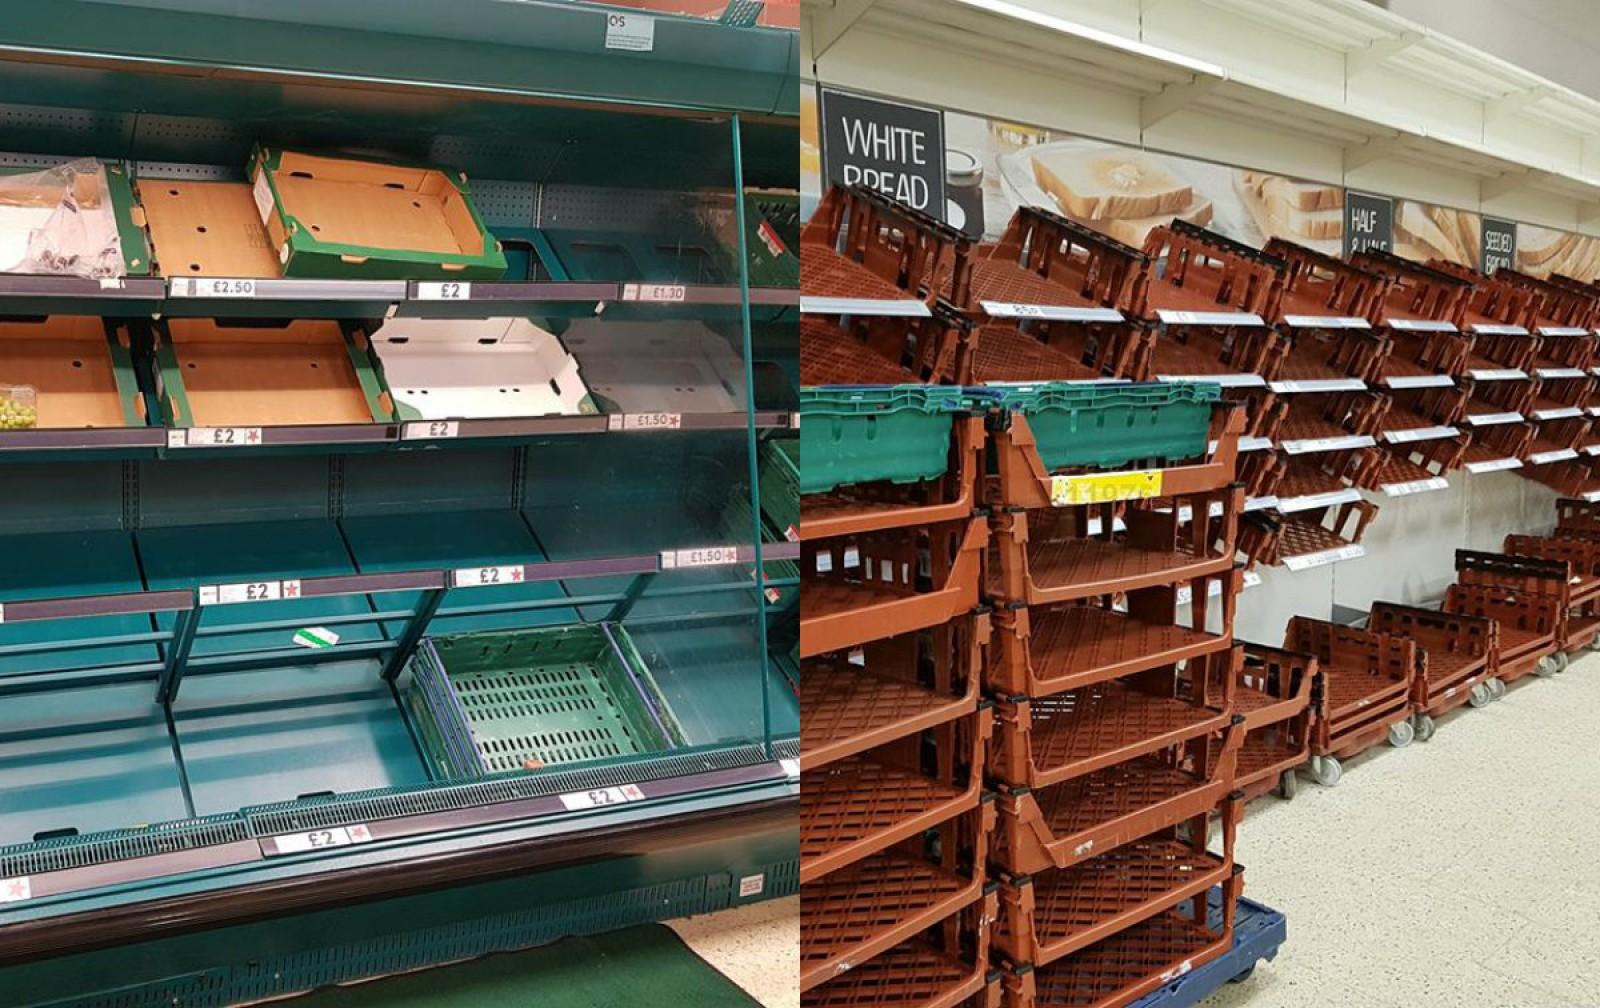 (foto) Scoțienii au golit toate rafturile magazinelor. Mărturiile unei moldovence stabilite în Scoția